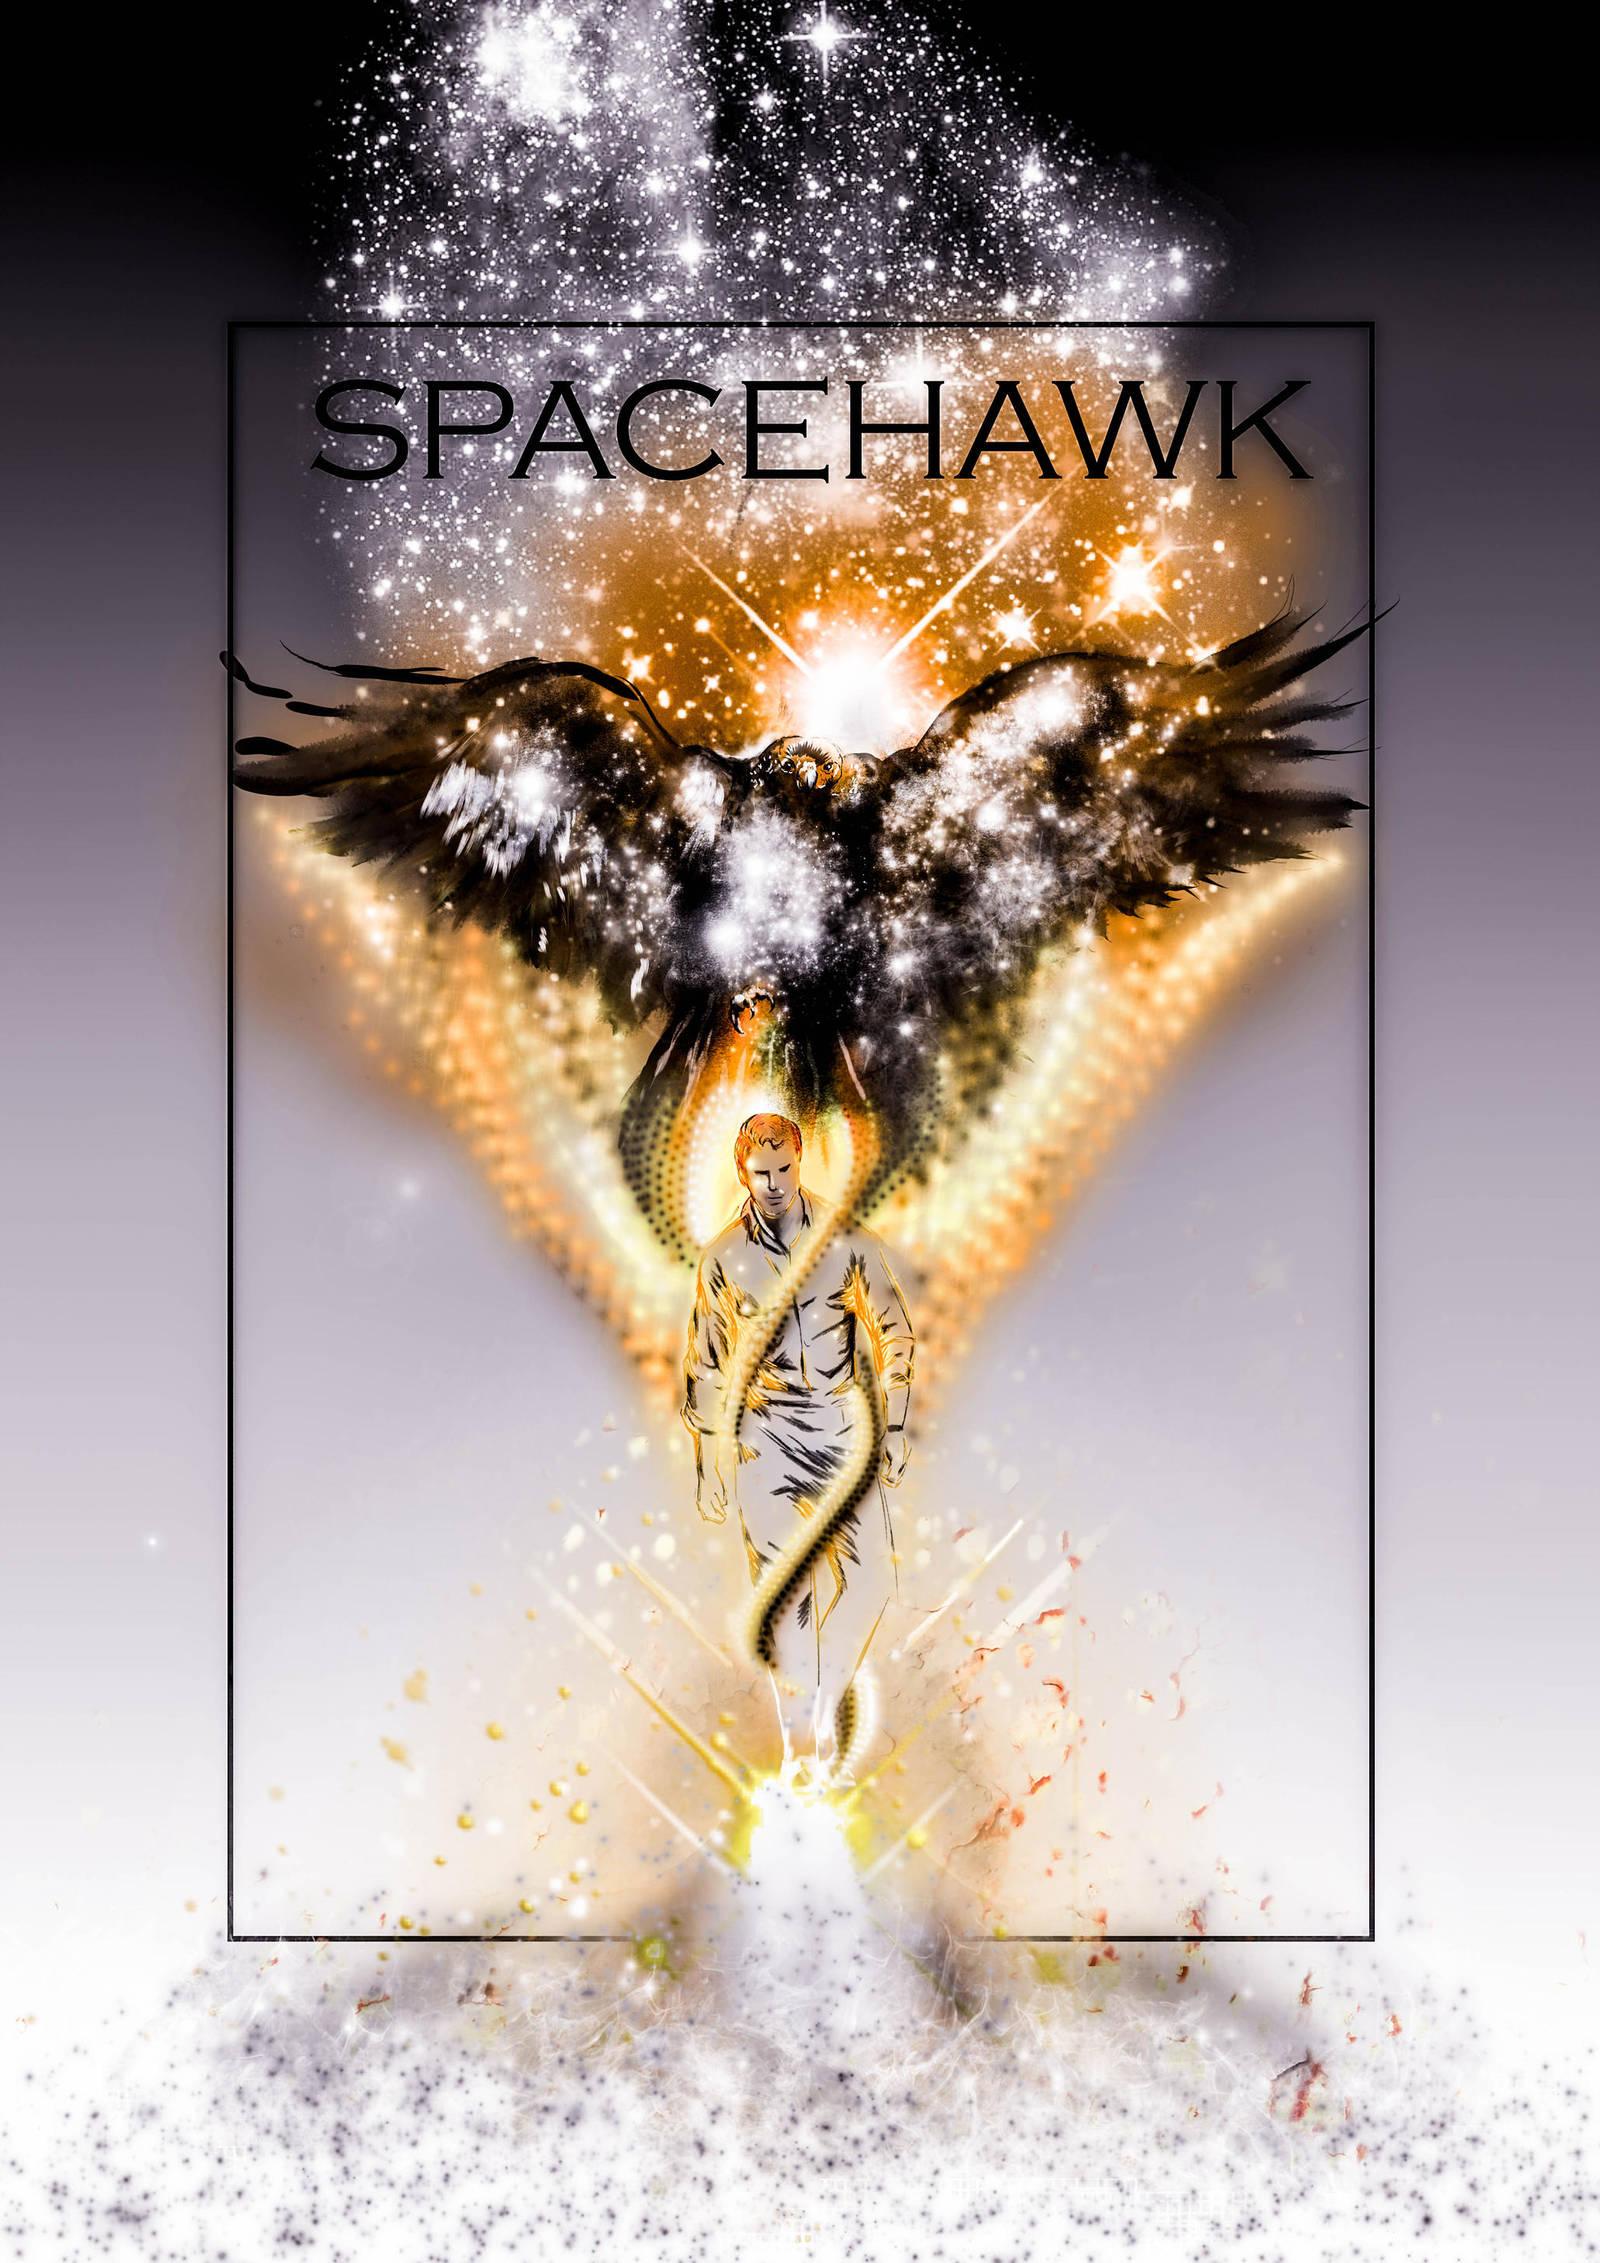 Spacehawk  by rjakobson